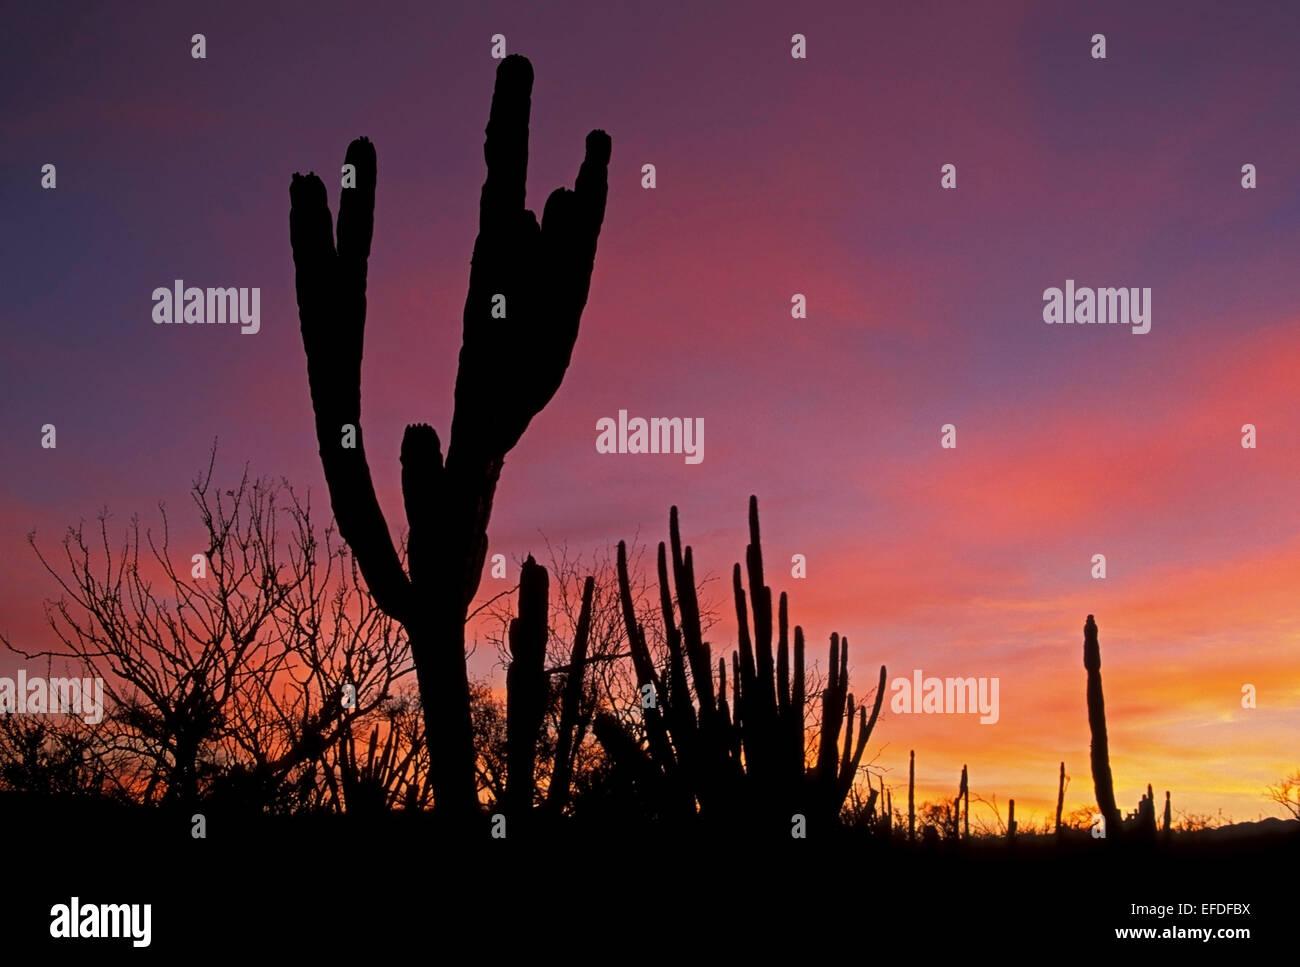 Silhouetted cactus and pink orange sky, Todos Santos, Baja California Sur, Mexico - Stock Image